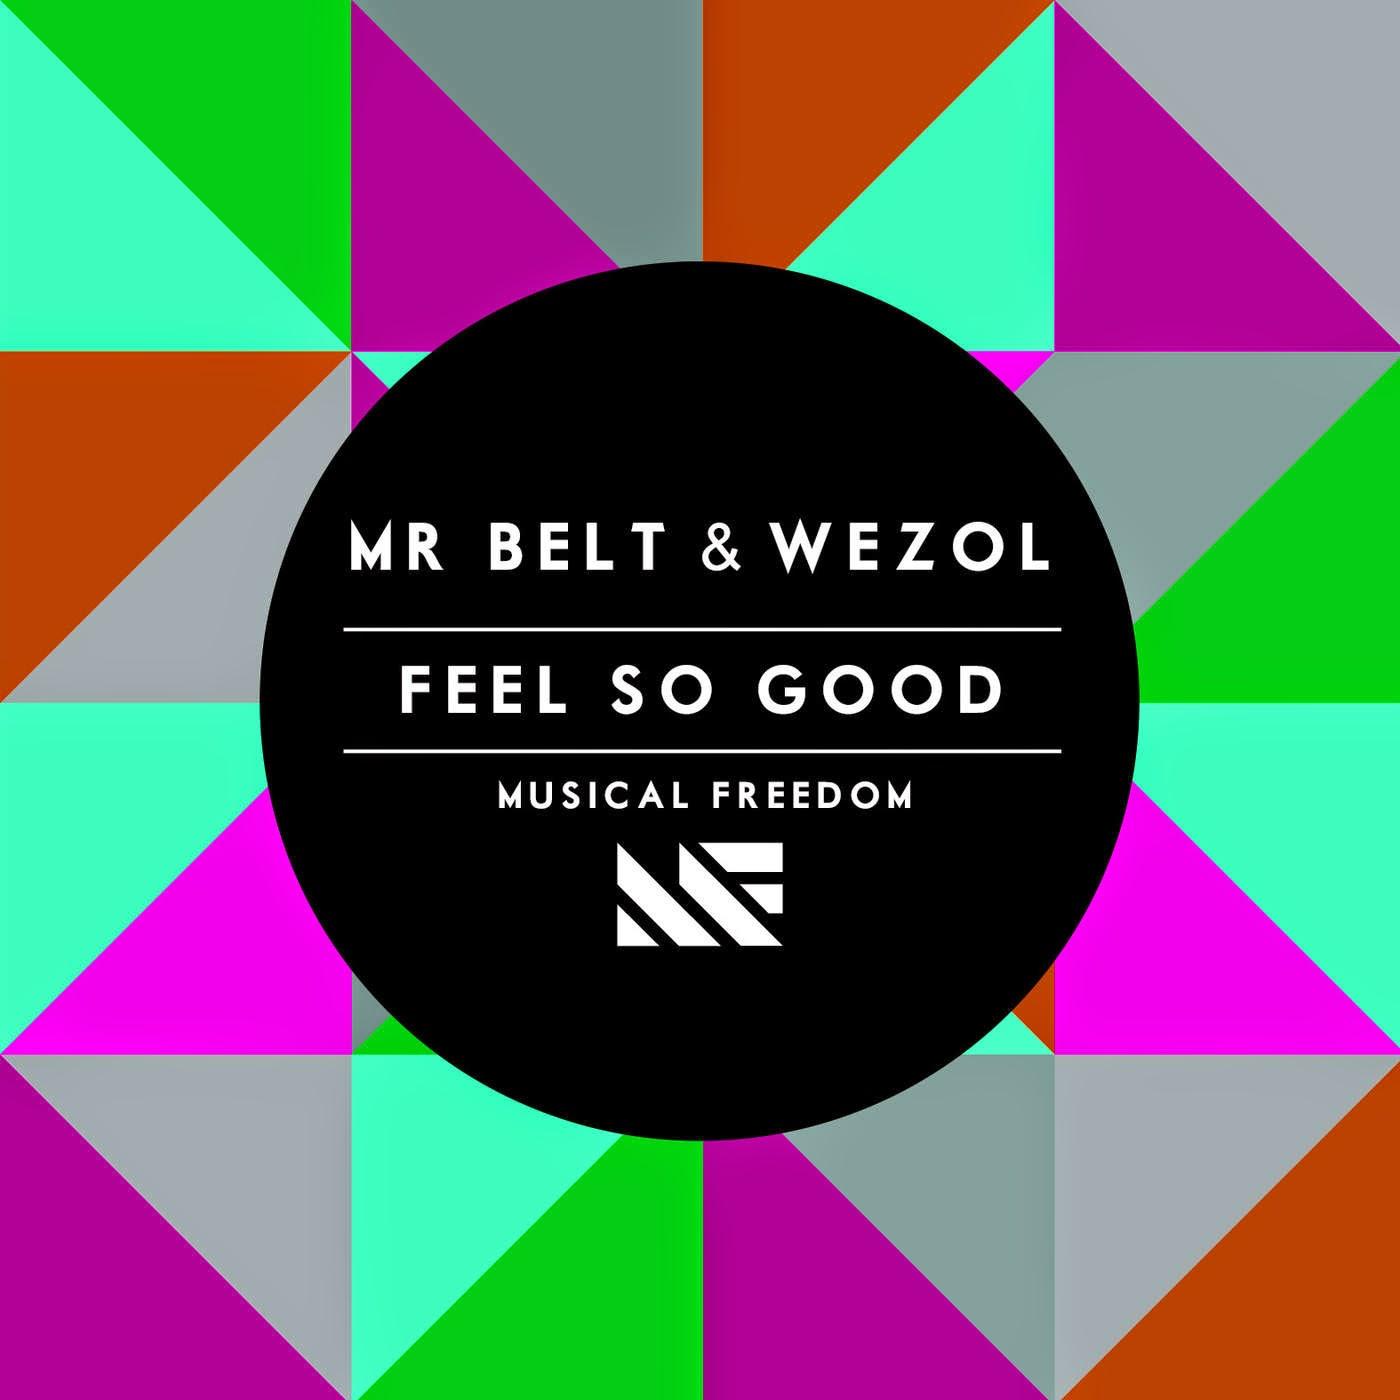 Mr Belt & Wezol - Feel so Good - Single